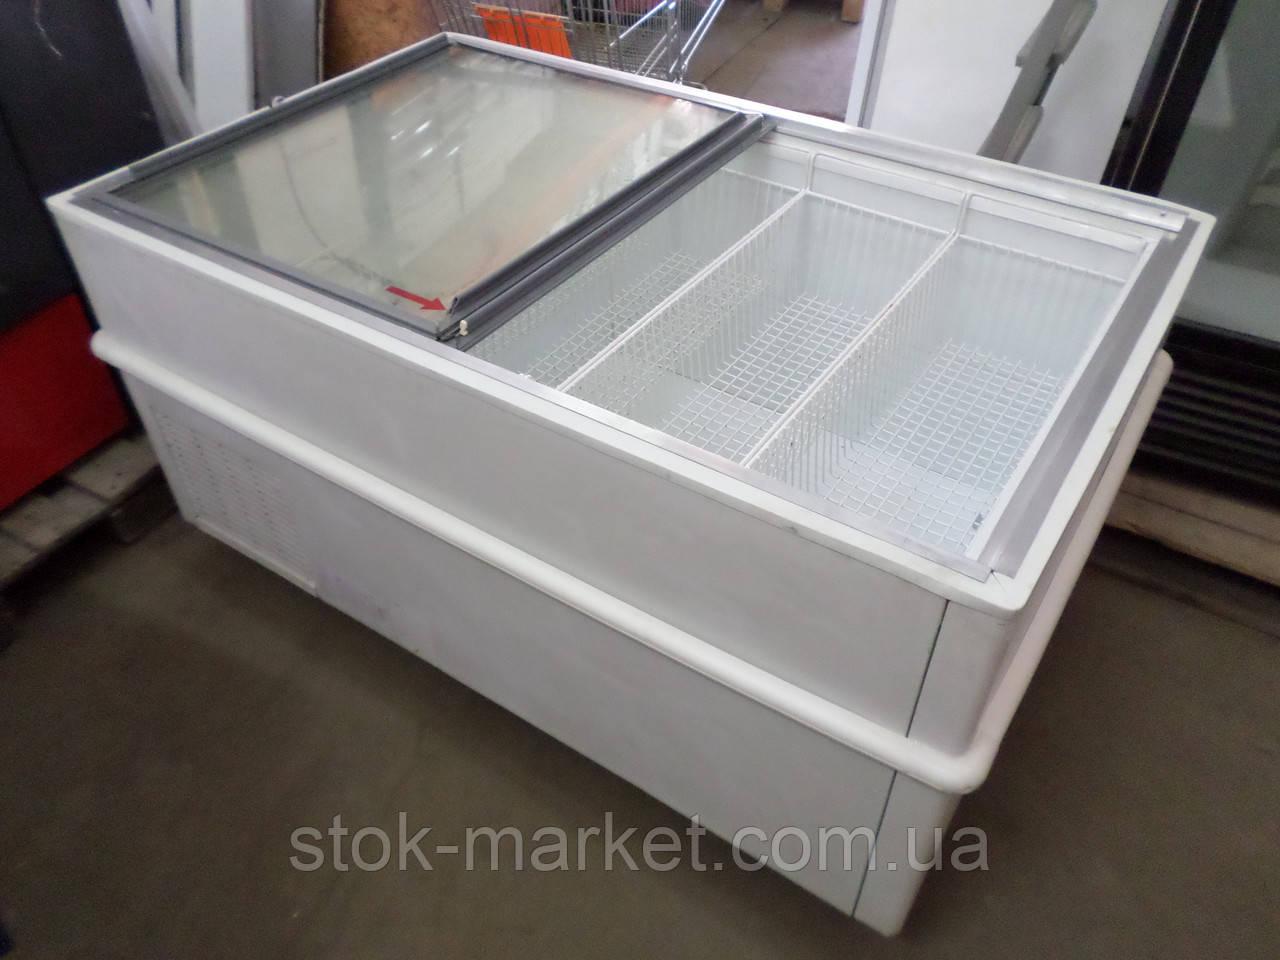 Морозильный ларь Framec б/у, Морозильный ларь - бонета б/у, камера морозильная б у, морозилка б у, ларь